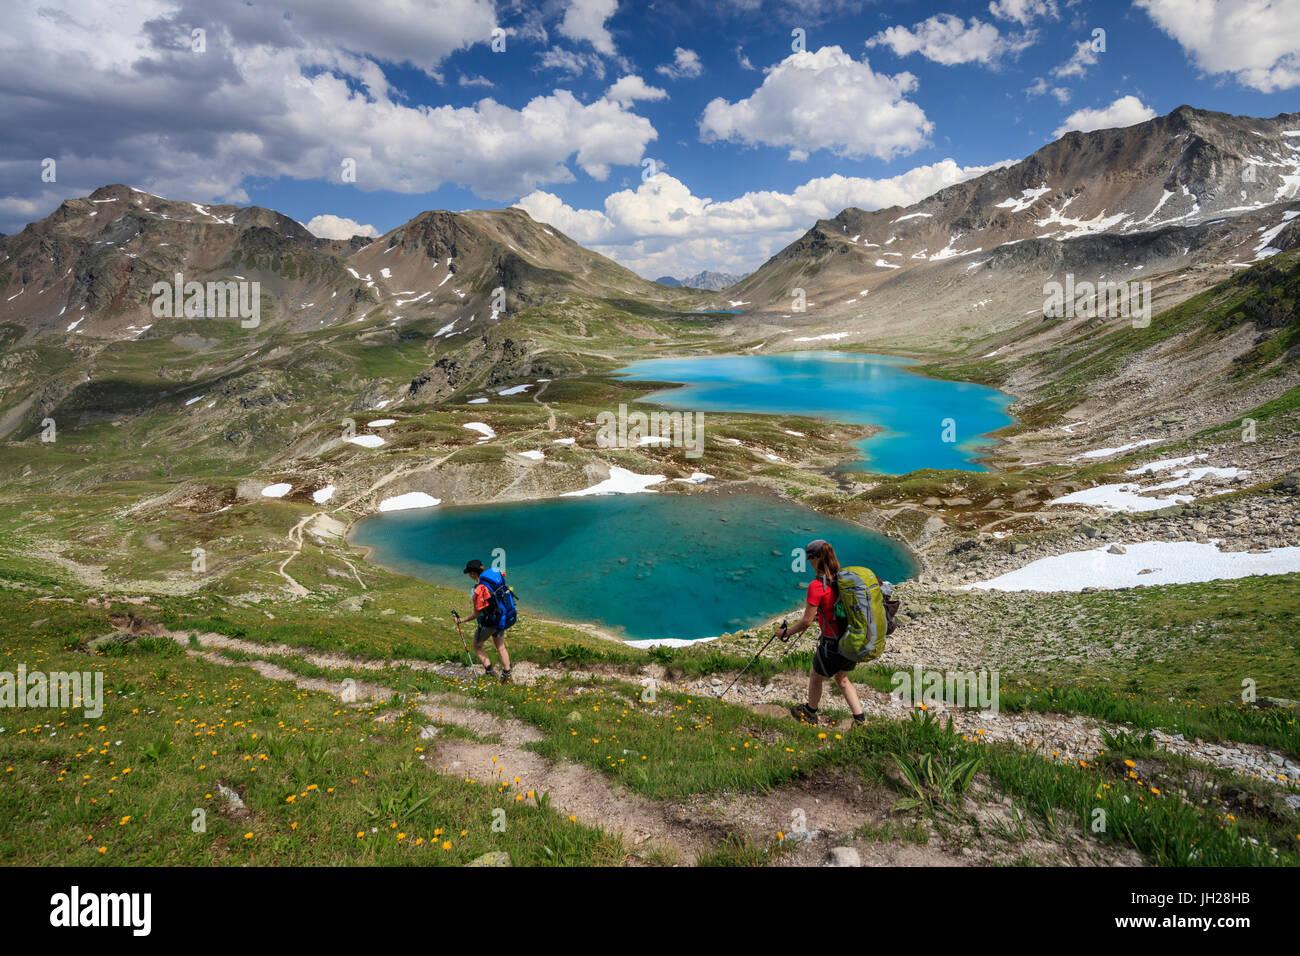 Wanderer übergeben Sie den türkisblauen See und felsigen Gipfeln, Joriseen, Jorifless Pass, Kanton Graubünden, Stockbild